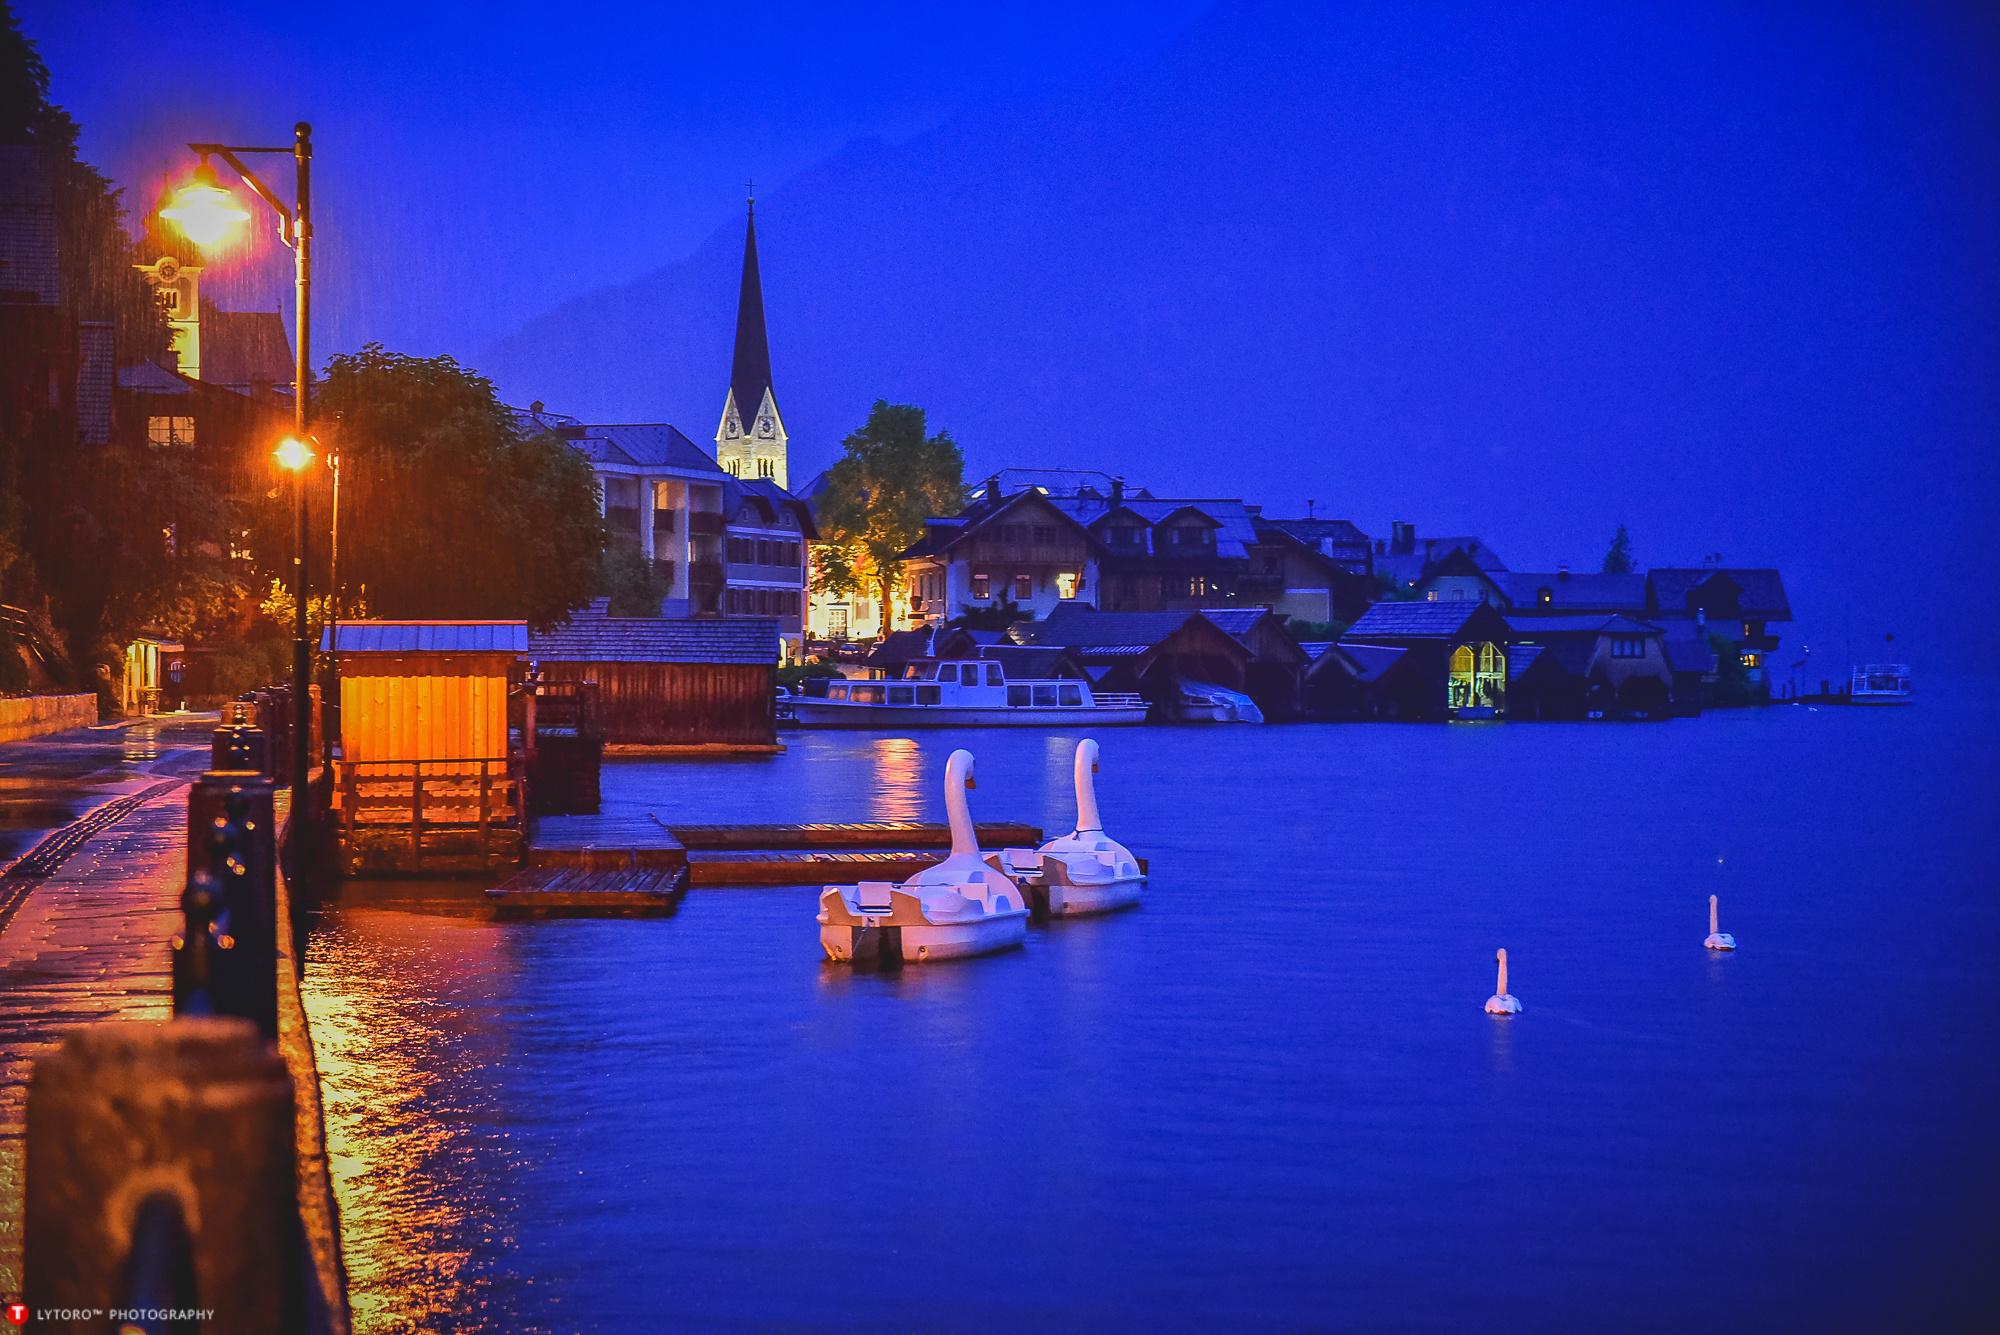 注册新的qq号_心中最美的欧洲小镇|摄影|风光|lytoro - 原创作品 - 站酷 (ZCOOL)